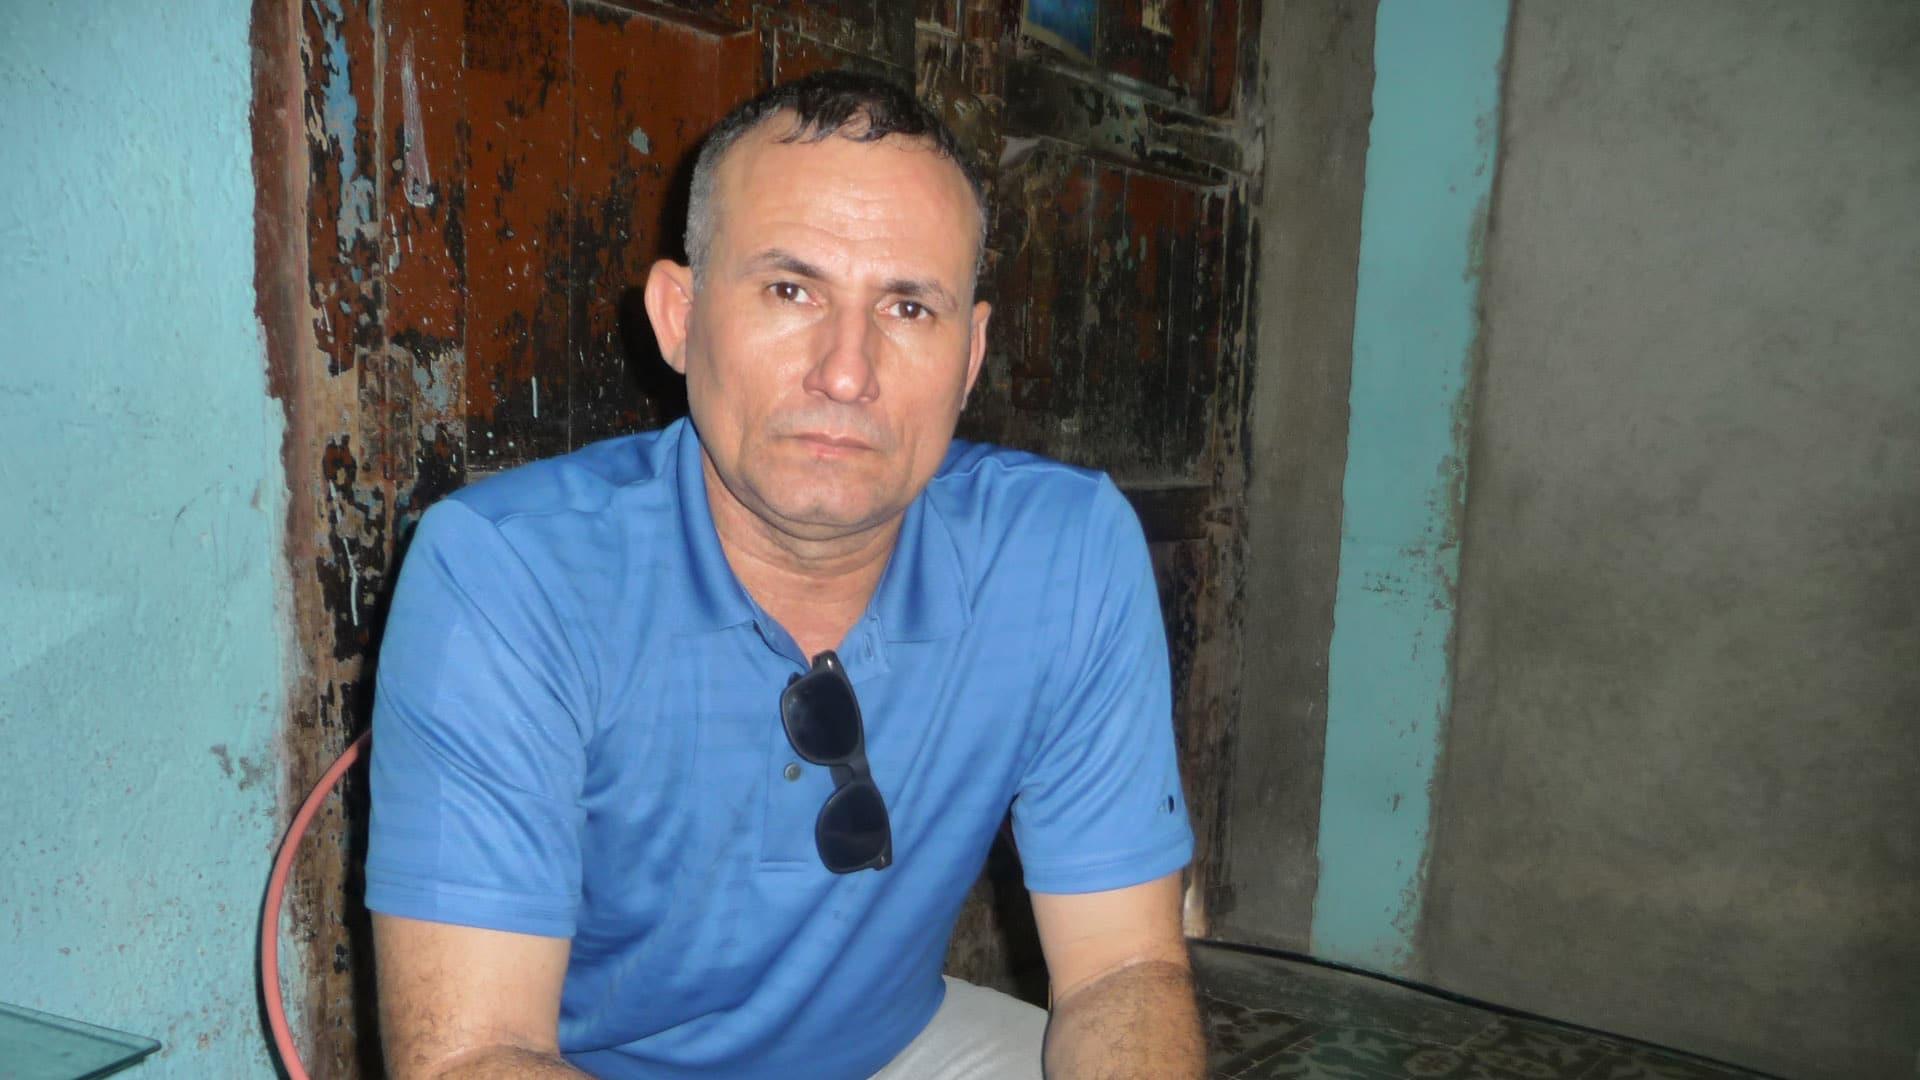 José Daniel Ferrer, ein führender Oppositioneller